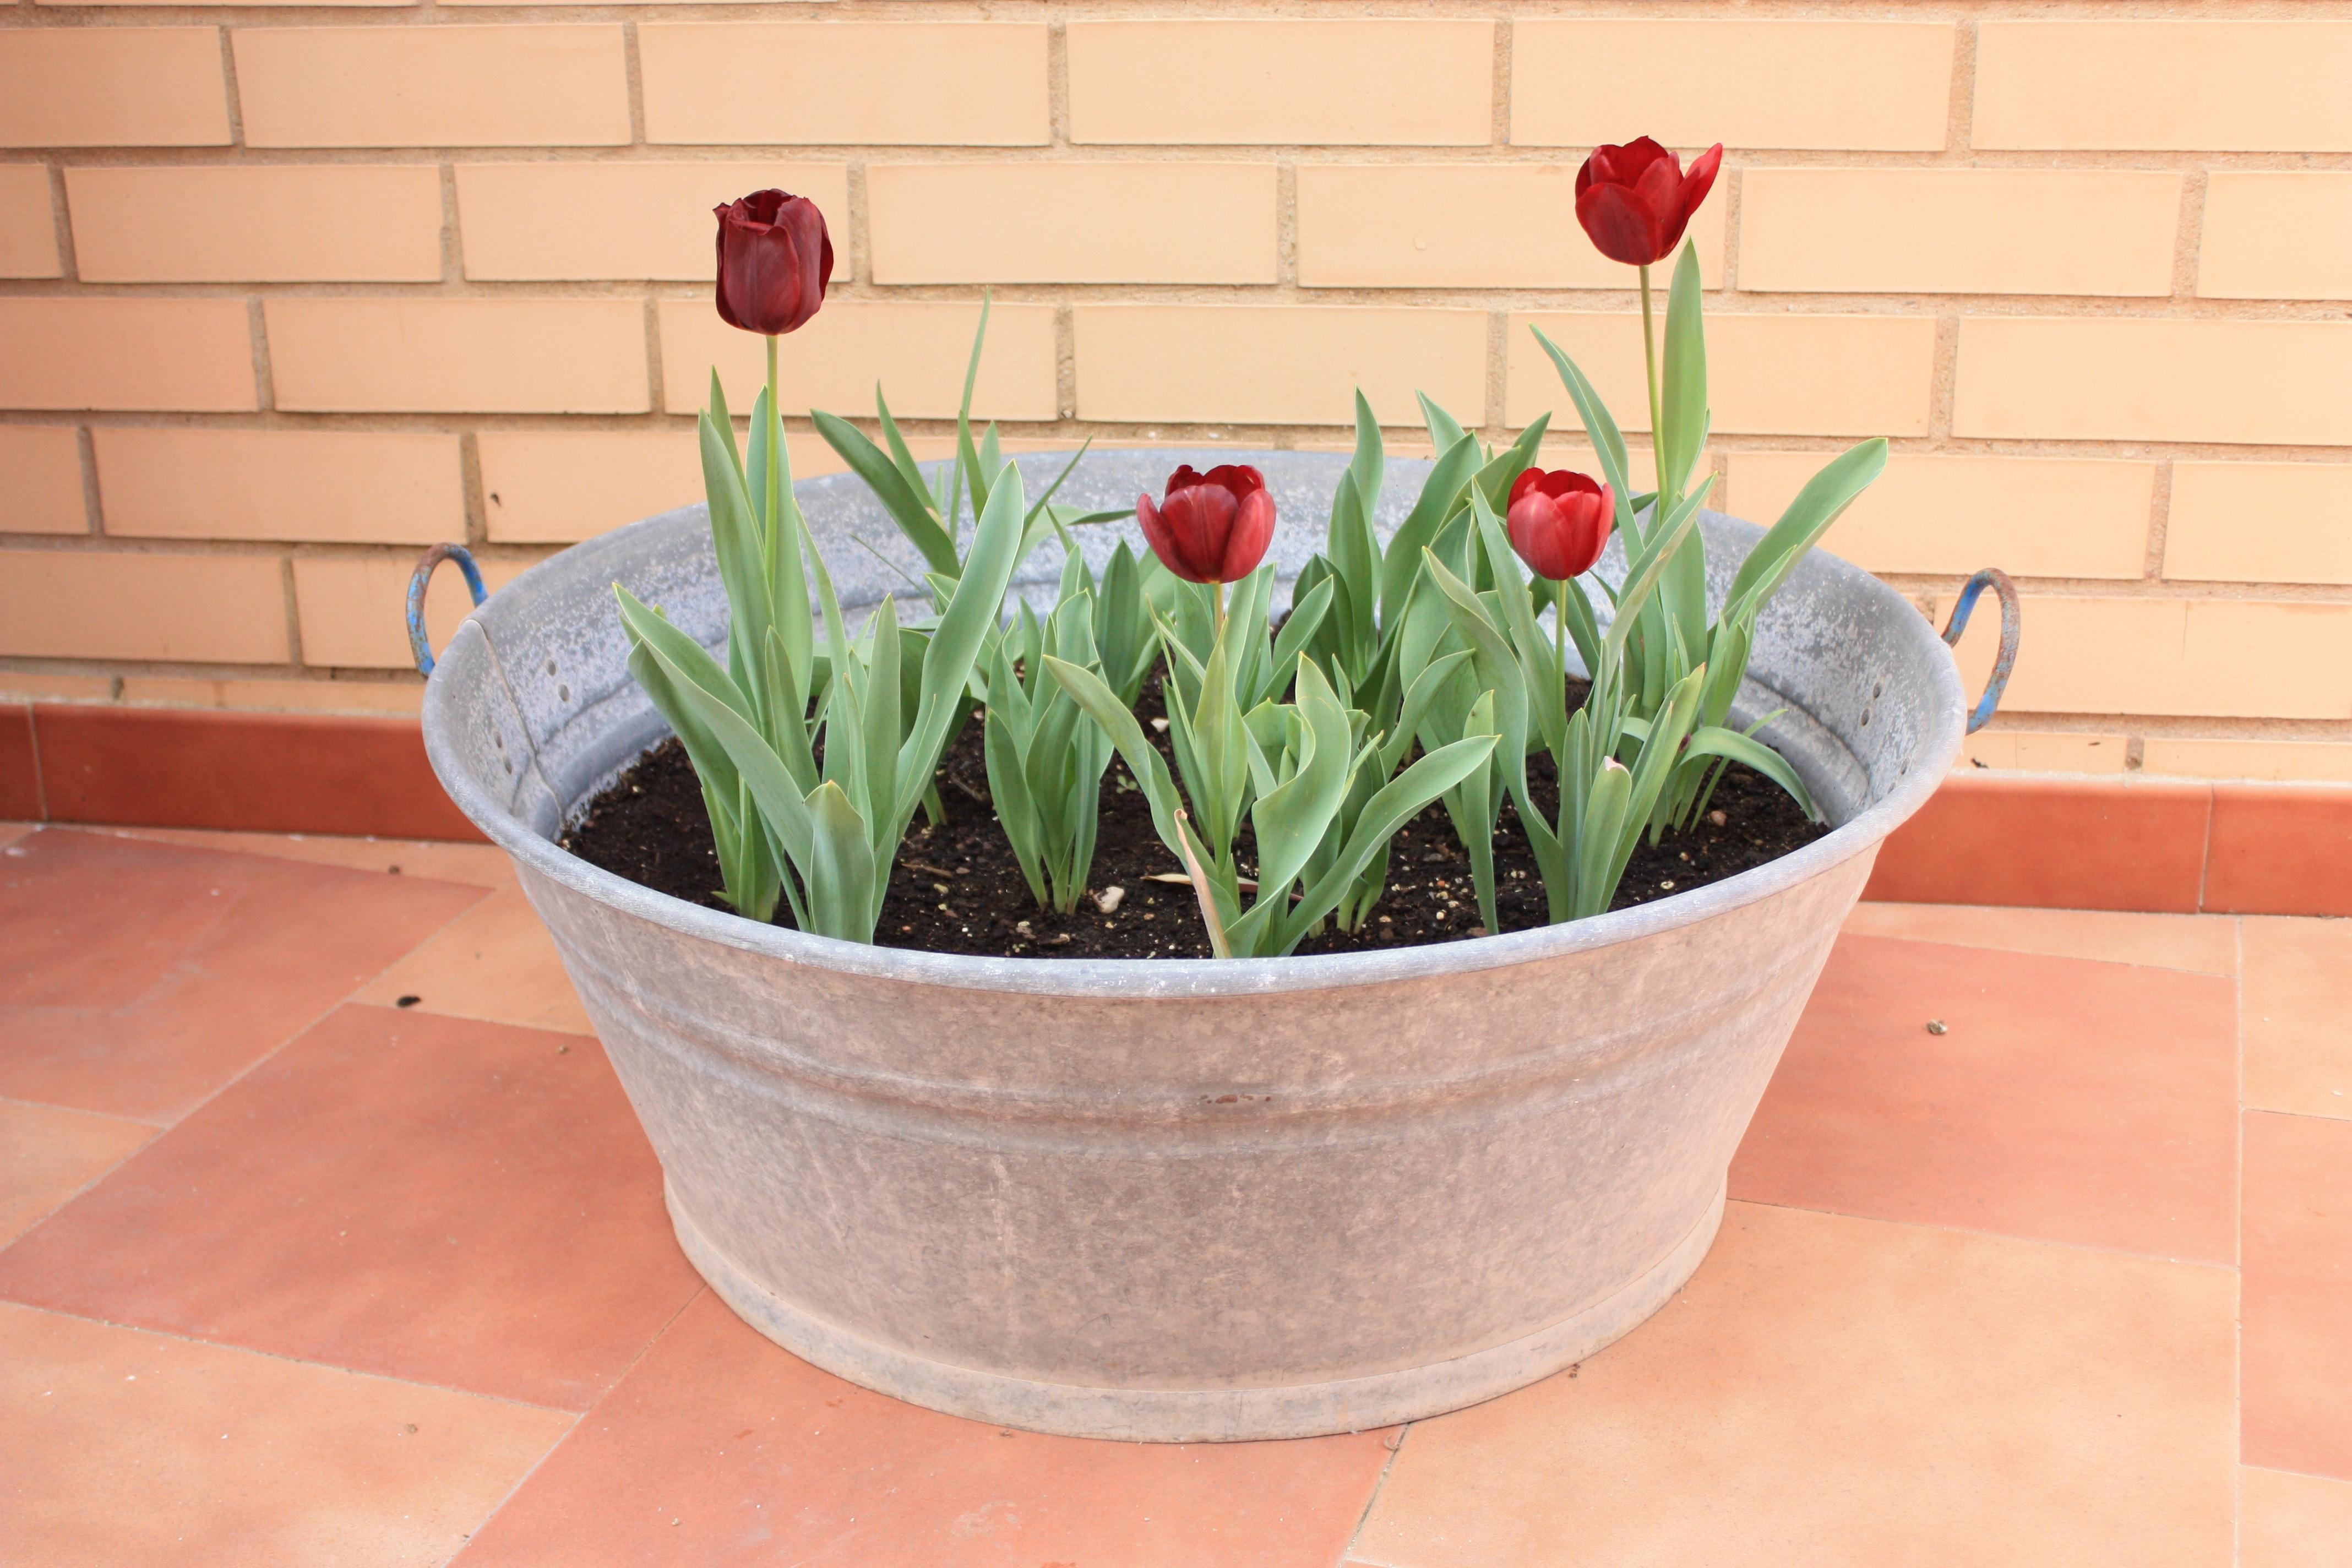 Fotos gratis flor tulip n flores maceta tulipanes for Fotos de plantas en macetas